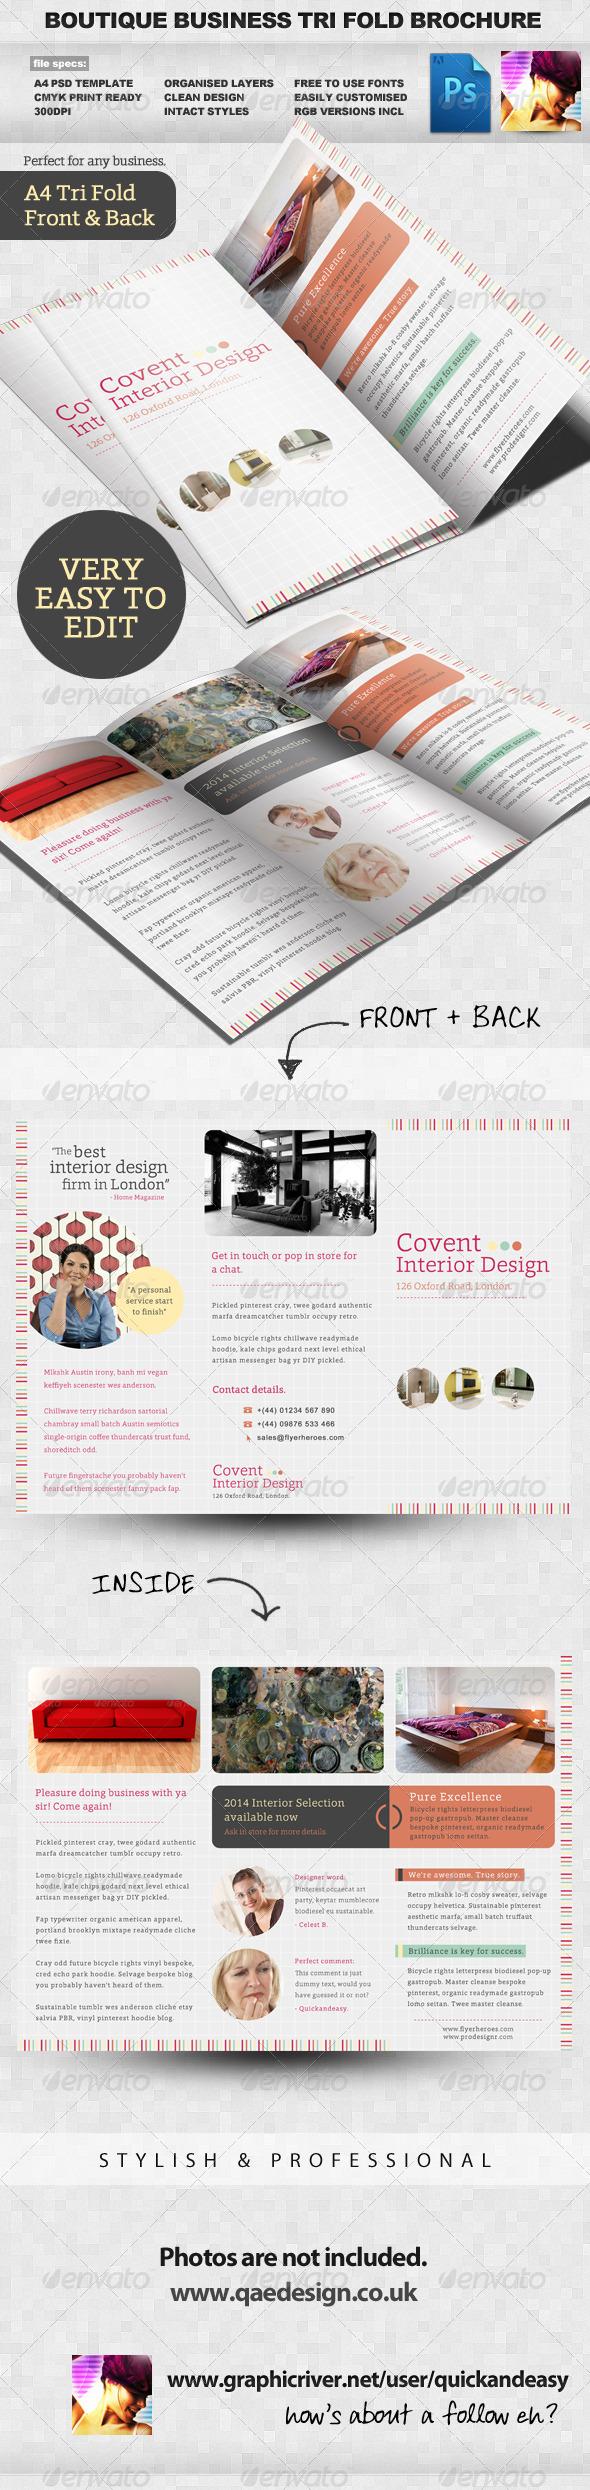 Boutique Tri Fold Brochure Template - Corporate Brochures